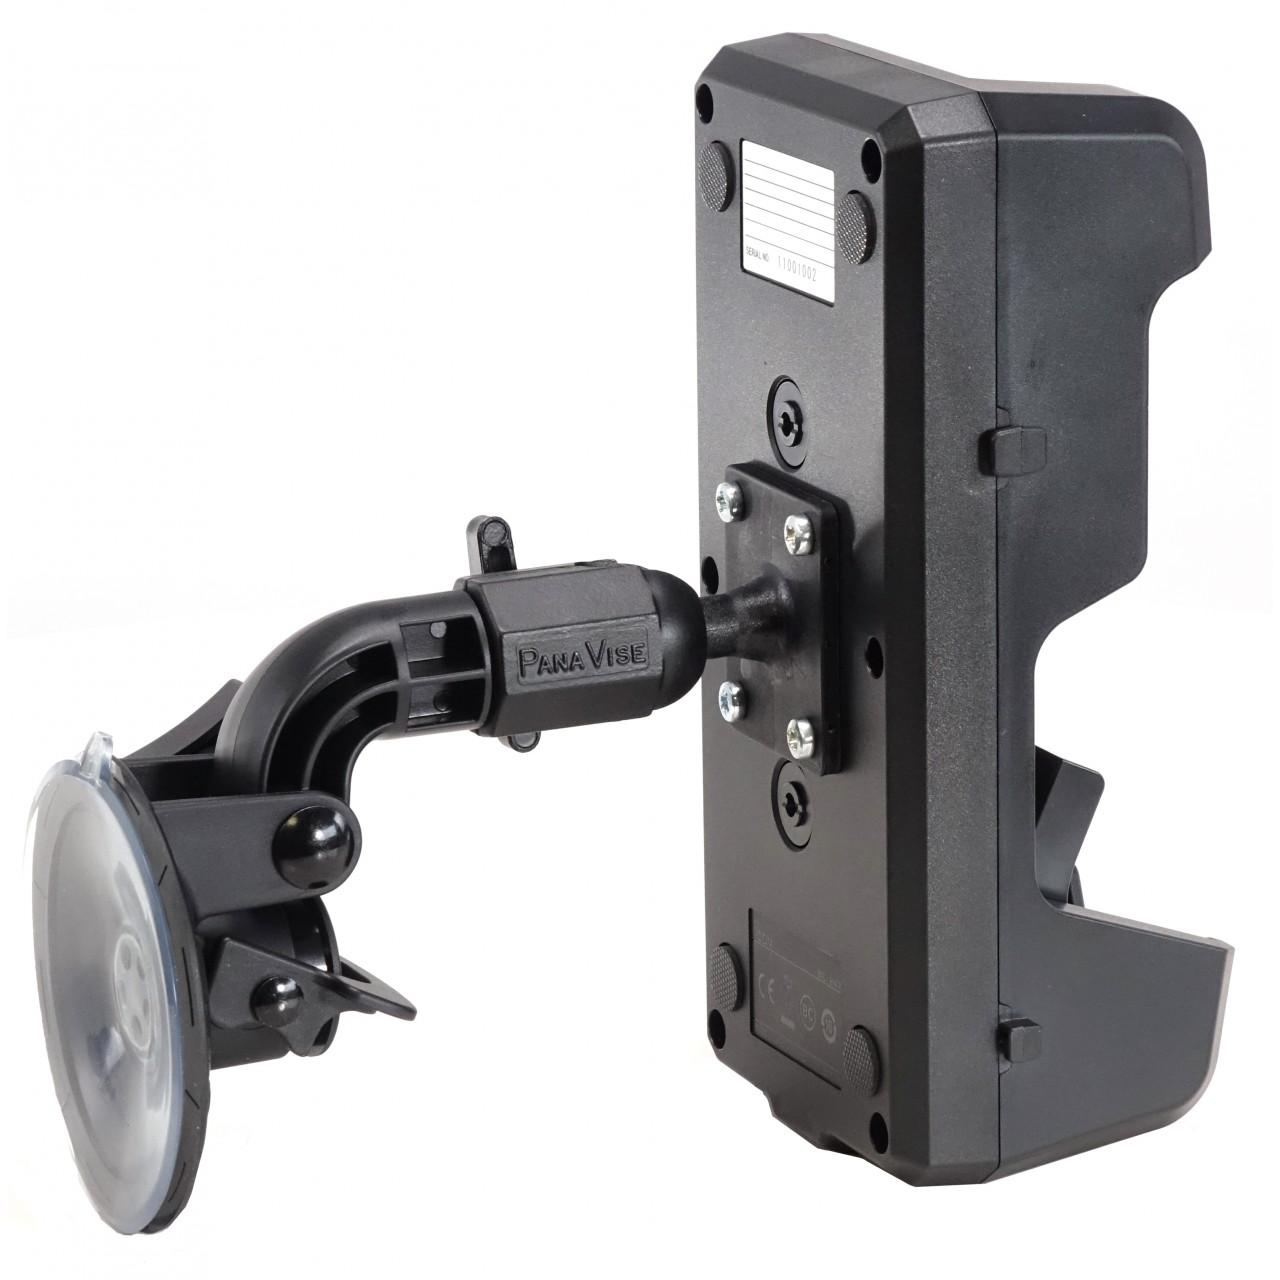 Support à ventouse pour chargeur BC-247. Présenté avec chargeur BC247.